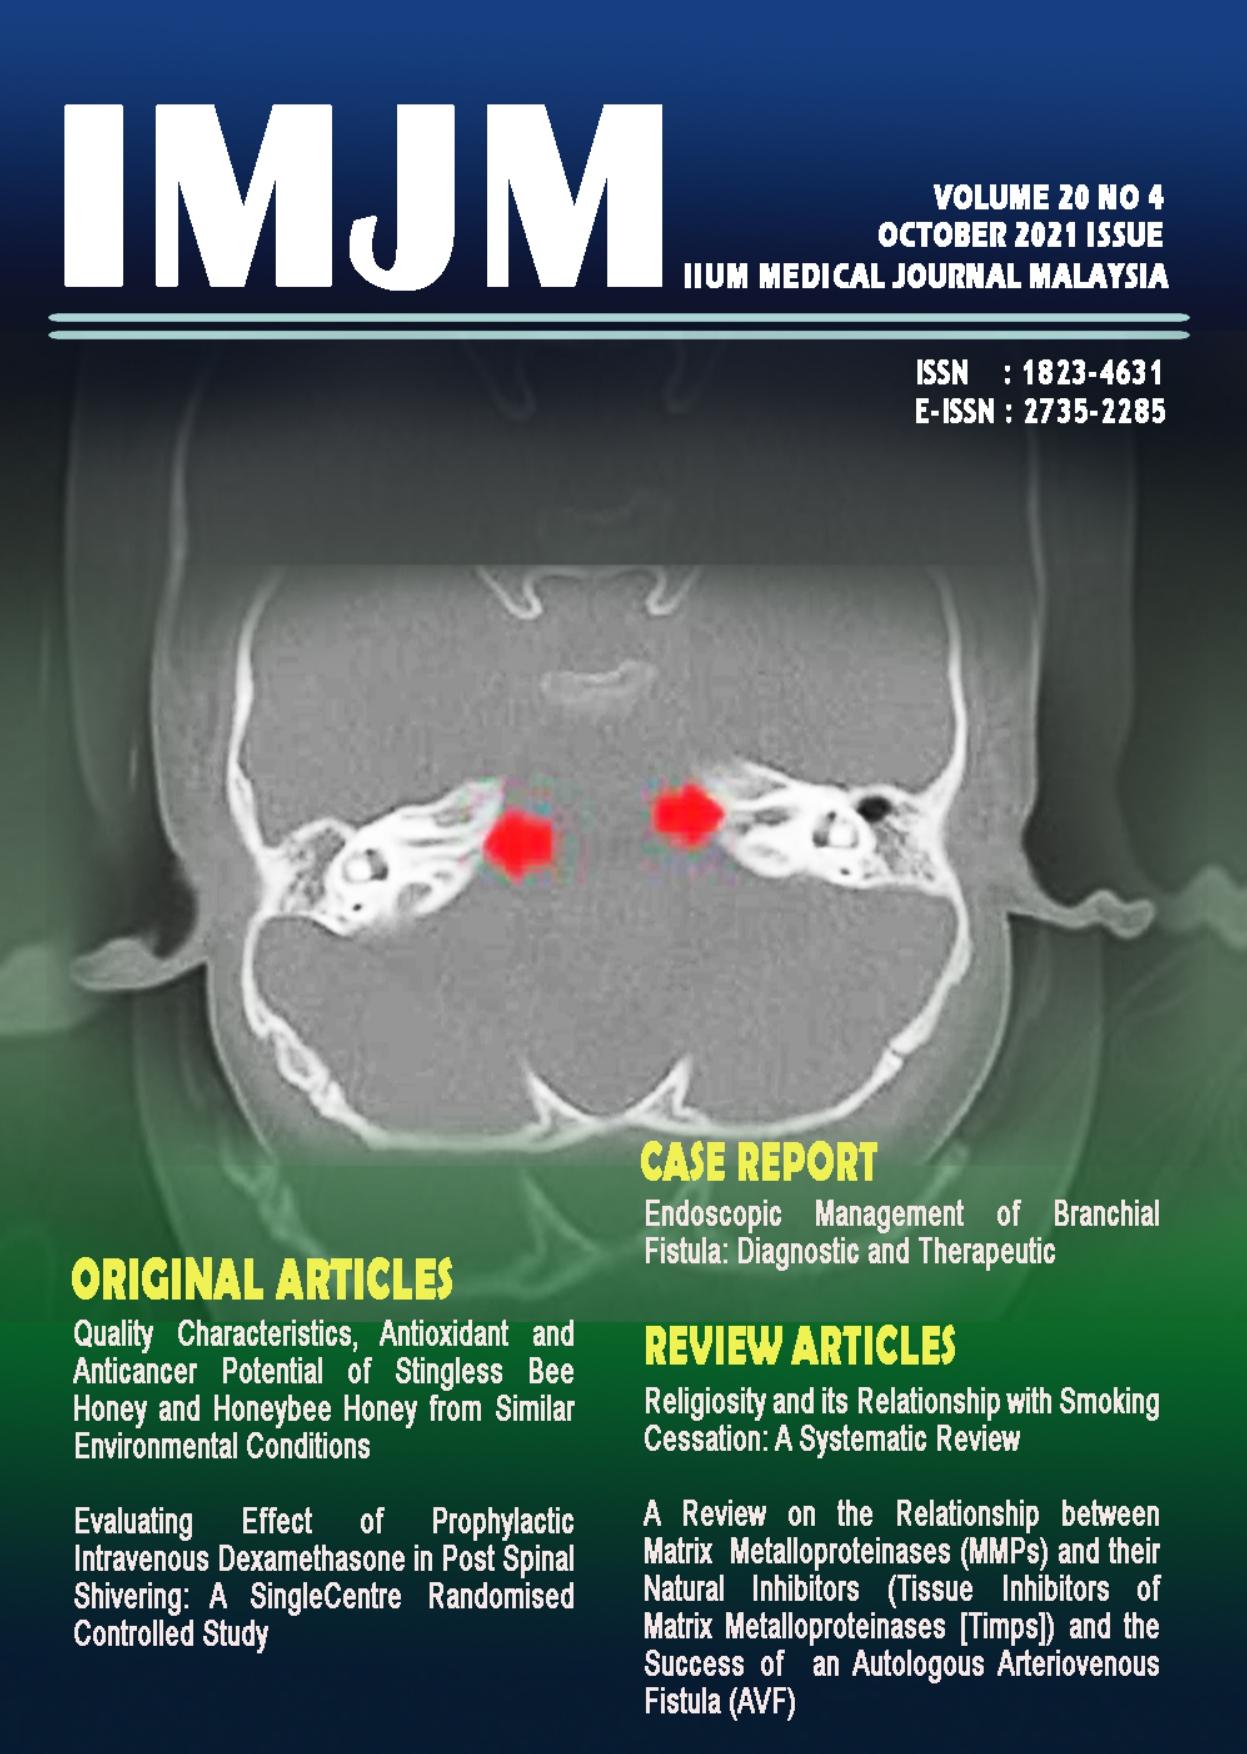 View Vol. 20 No. 4 (2021): IIUM Medical Journal Malaysia - October 2021